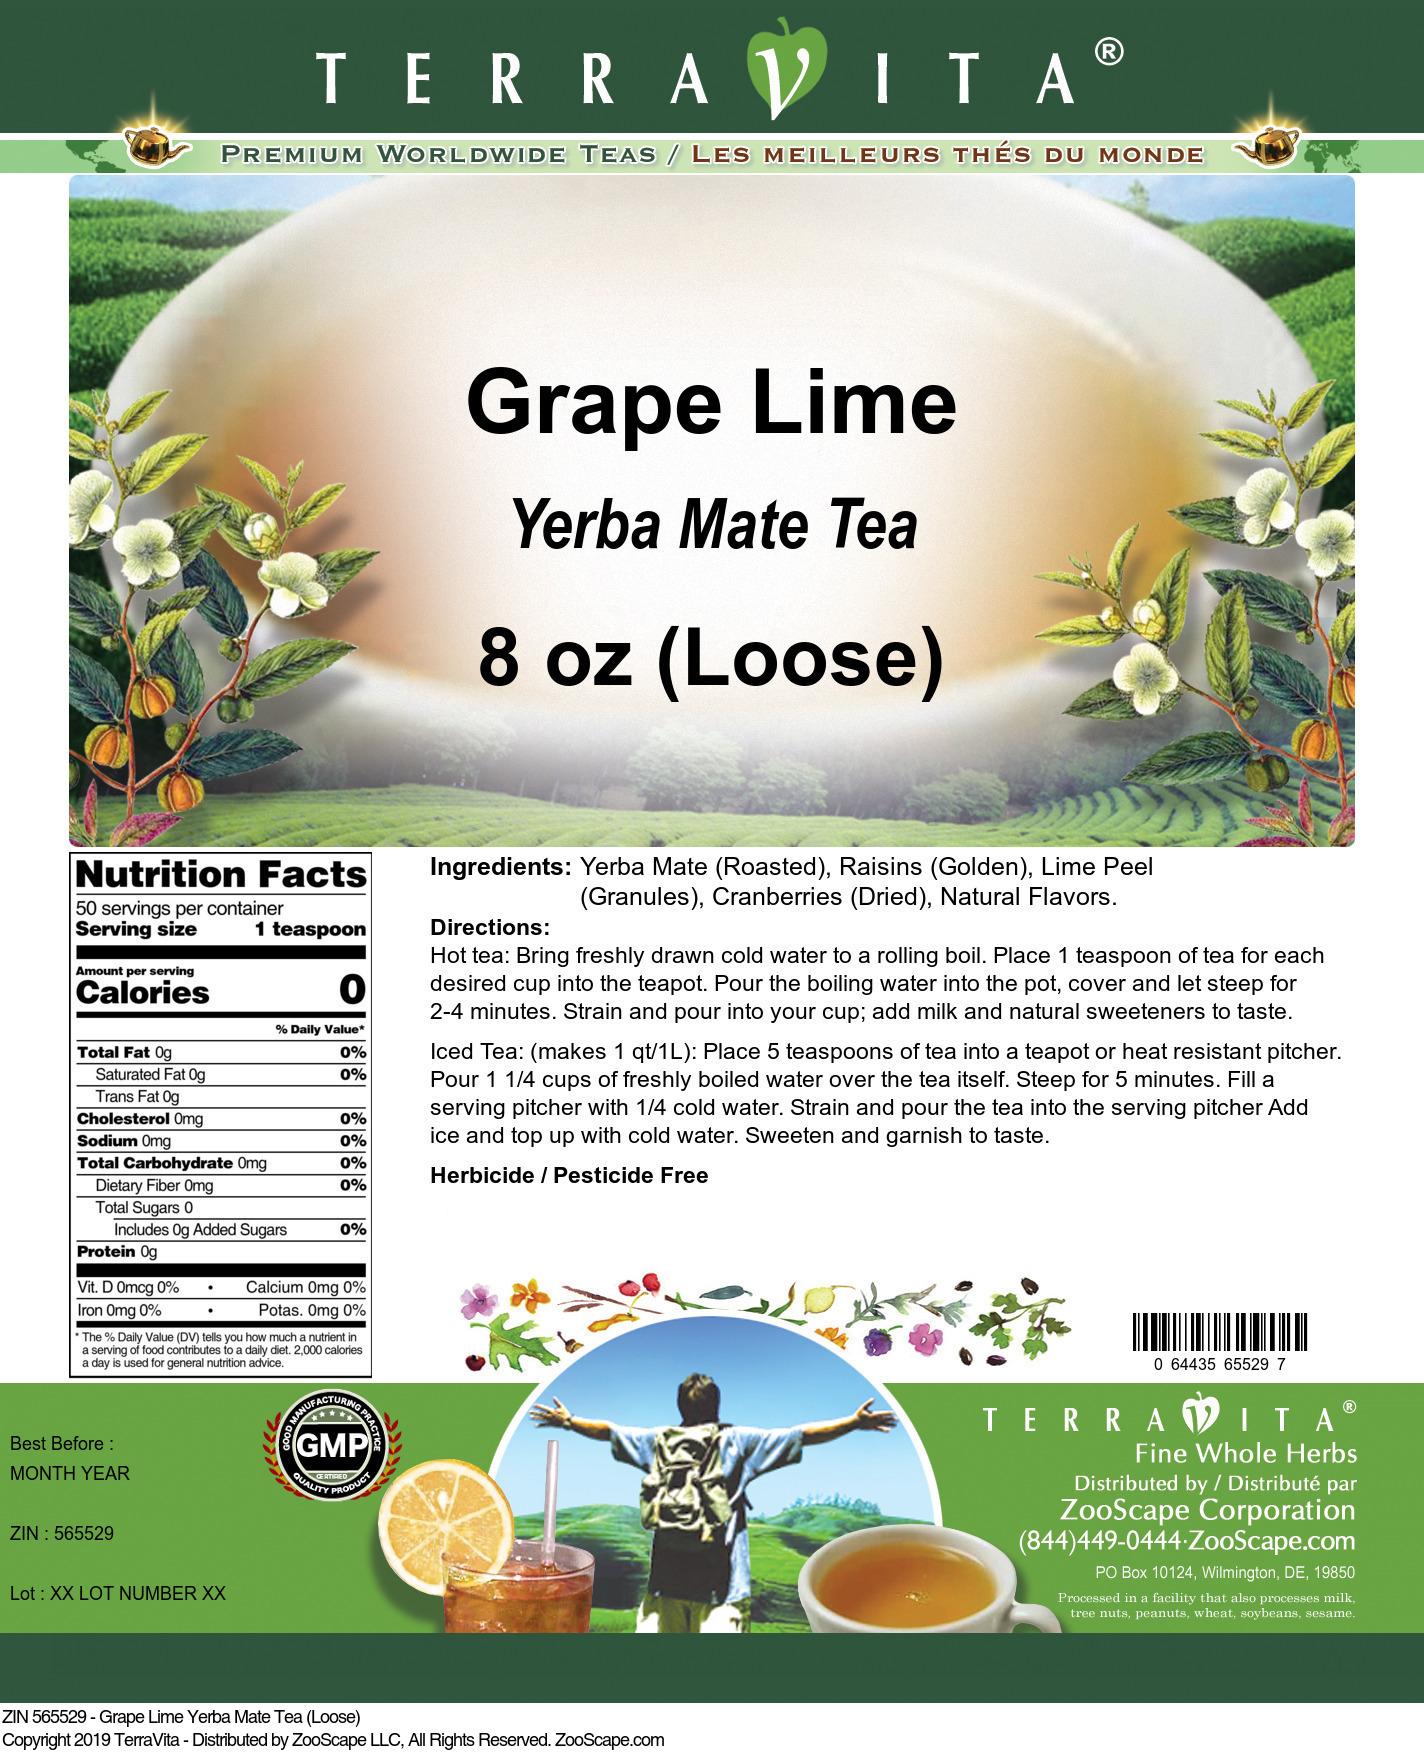 Grape Lime Yerba Mate Tea (Loose)